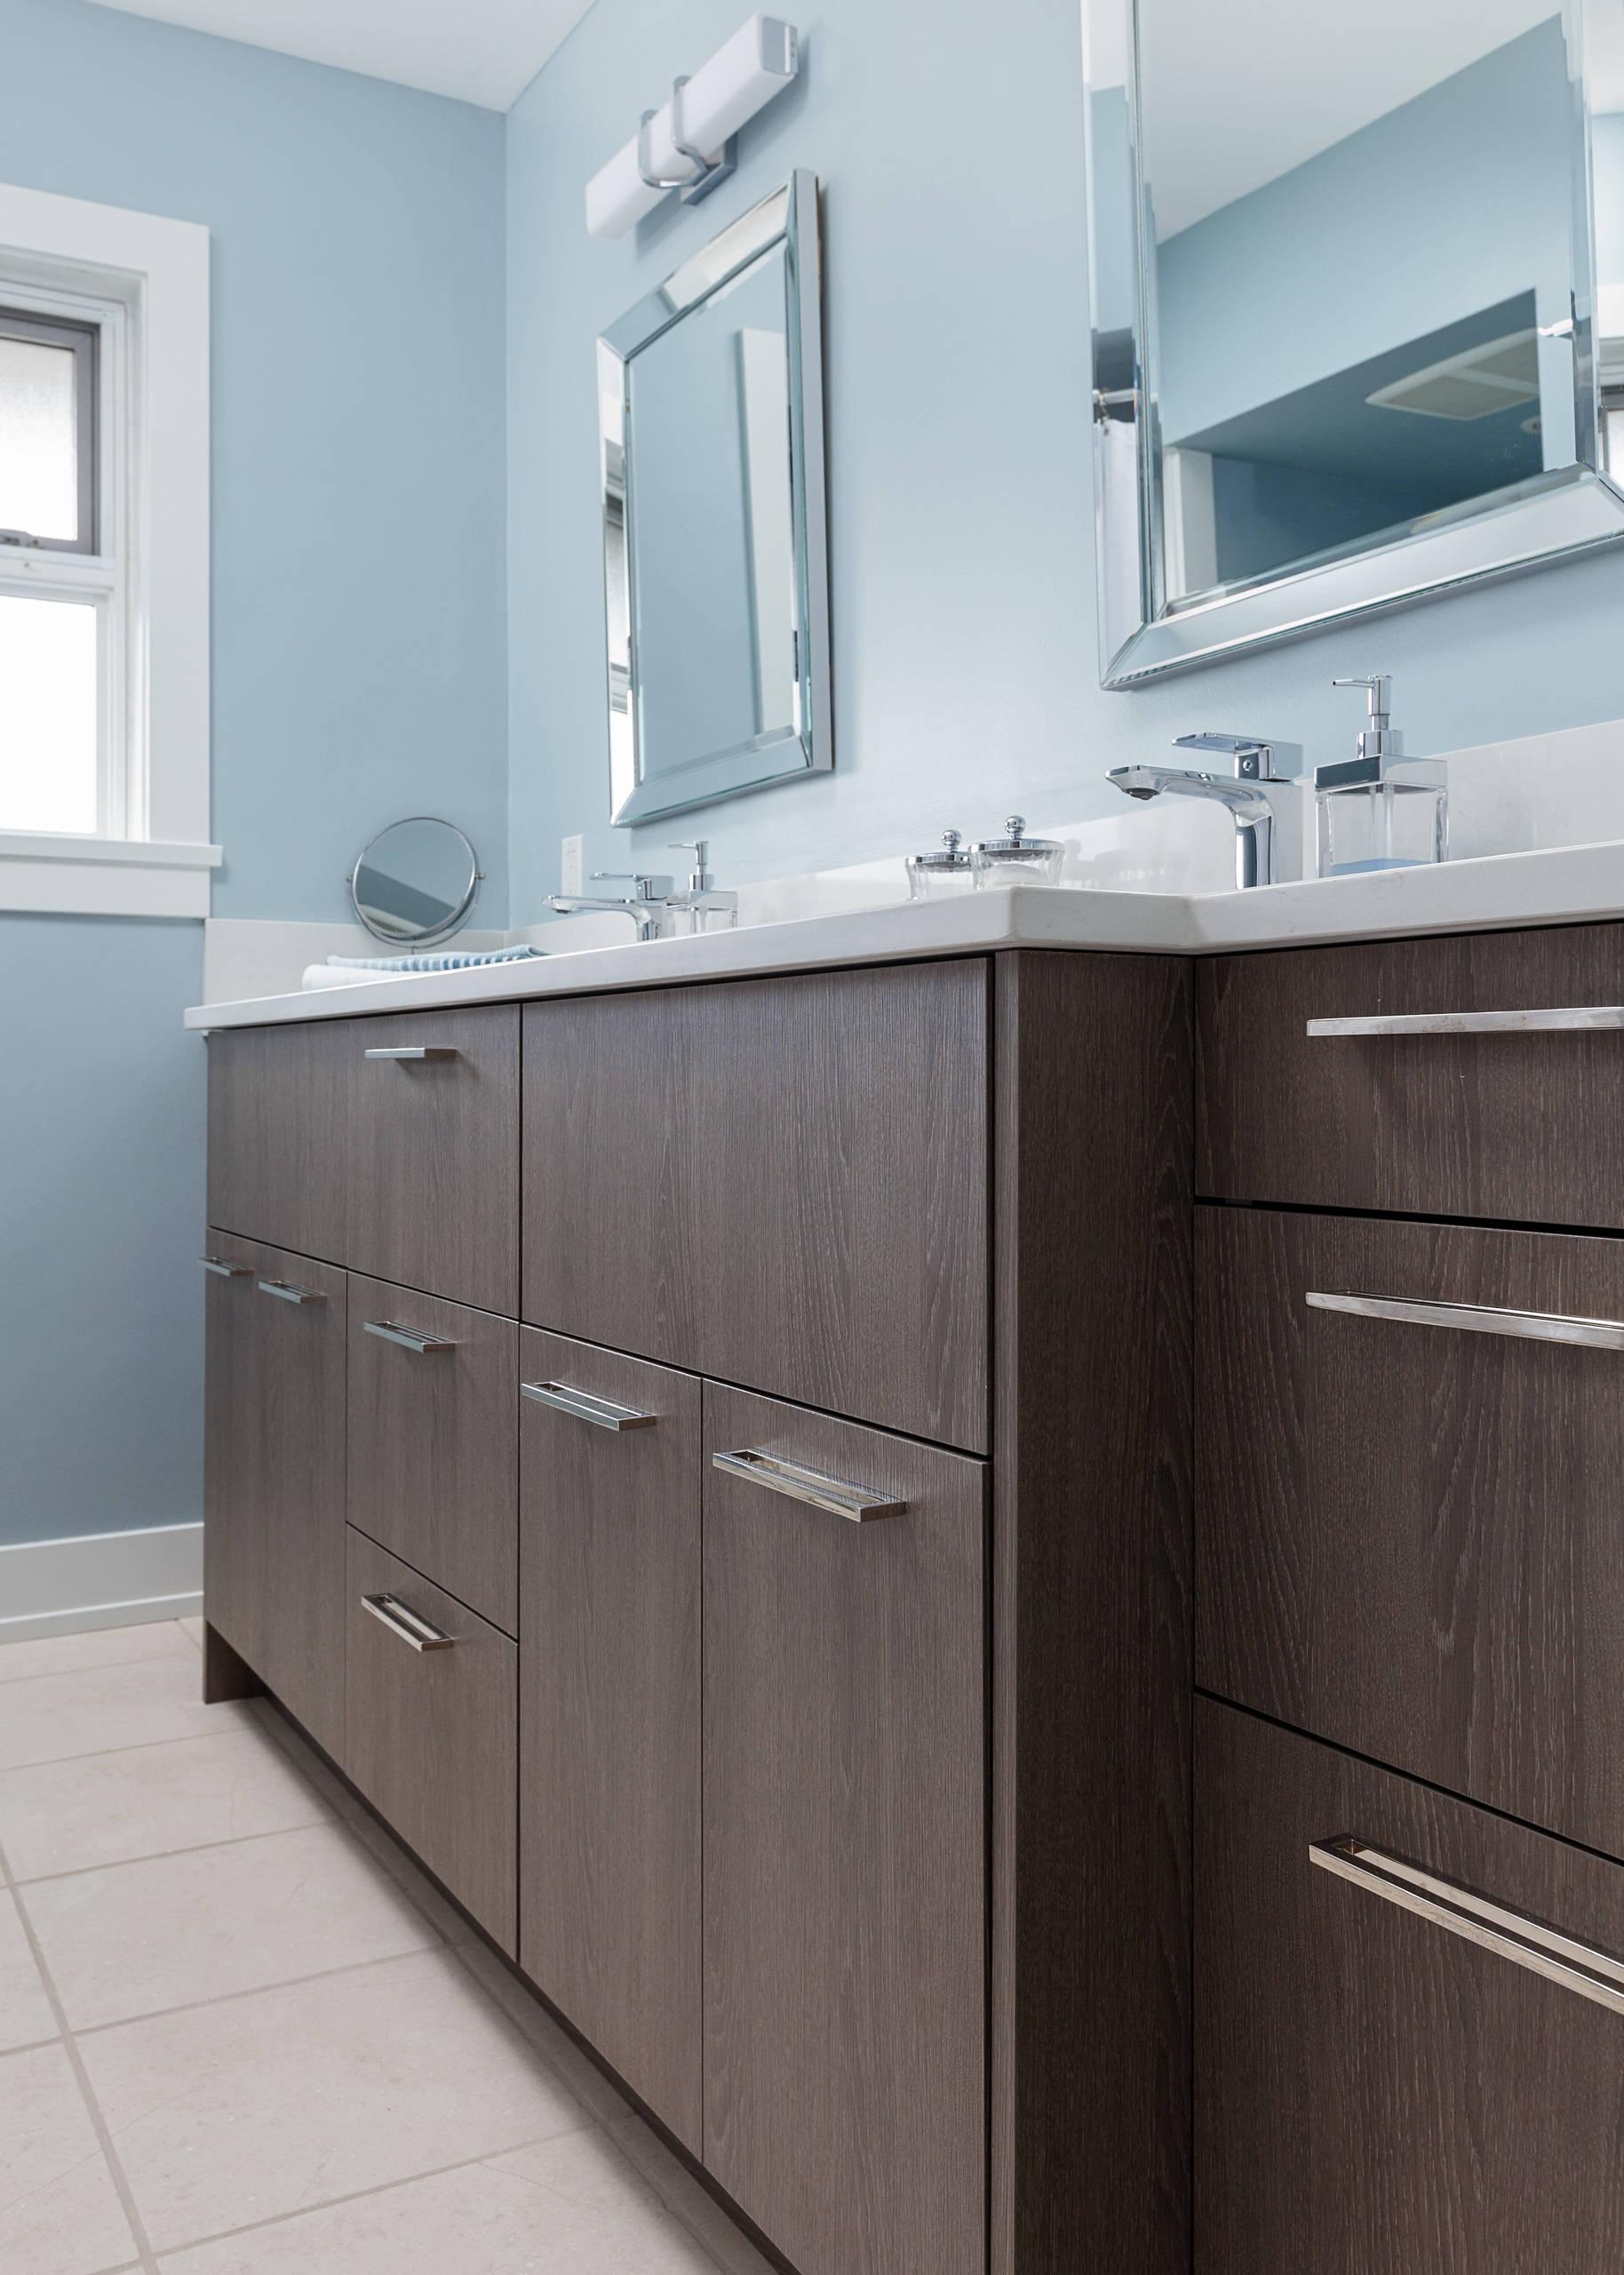 1950 S Split Level Contemporary Renovation Contemporary Bathroom Vancouver By Cottage Fever Interior Design Houzz